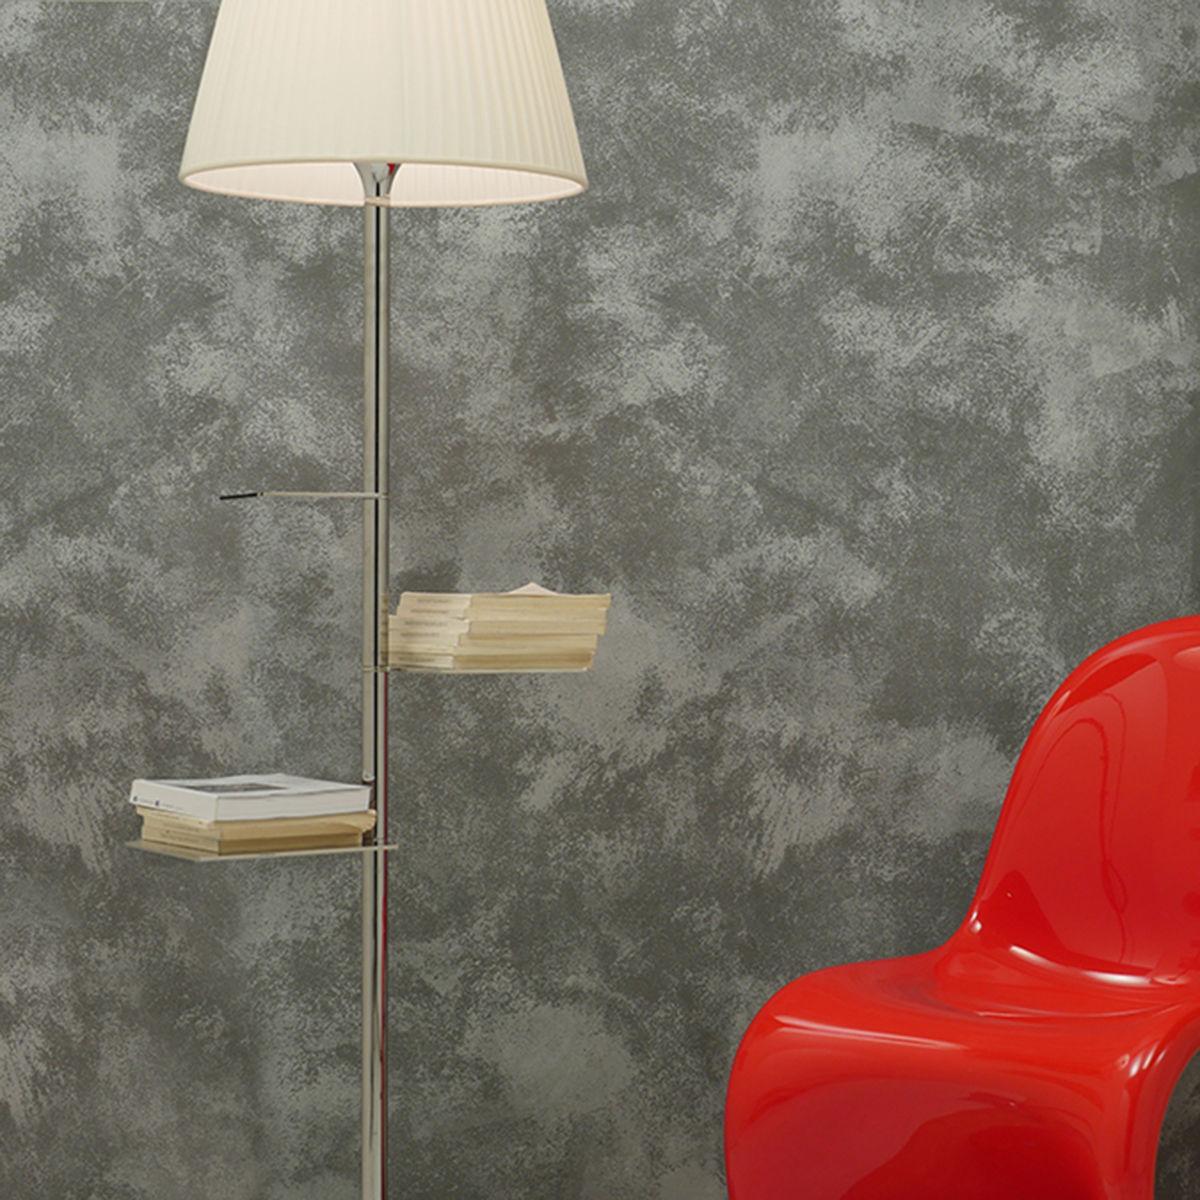 Pitture decorative per pareti kk18 regardsdefemmes - Pitture lavabili per cucine ...